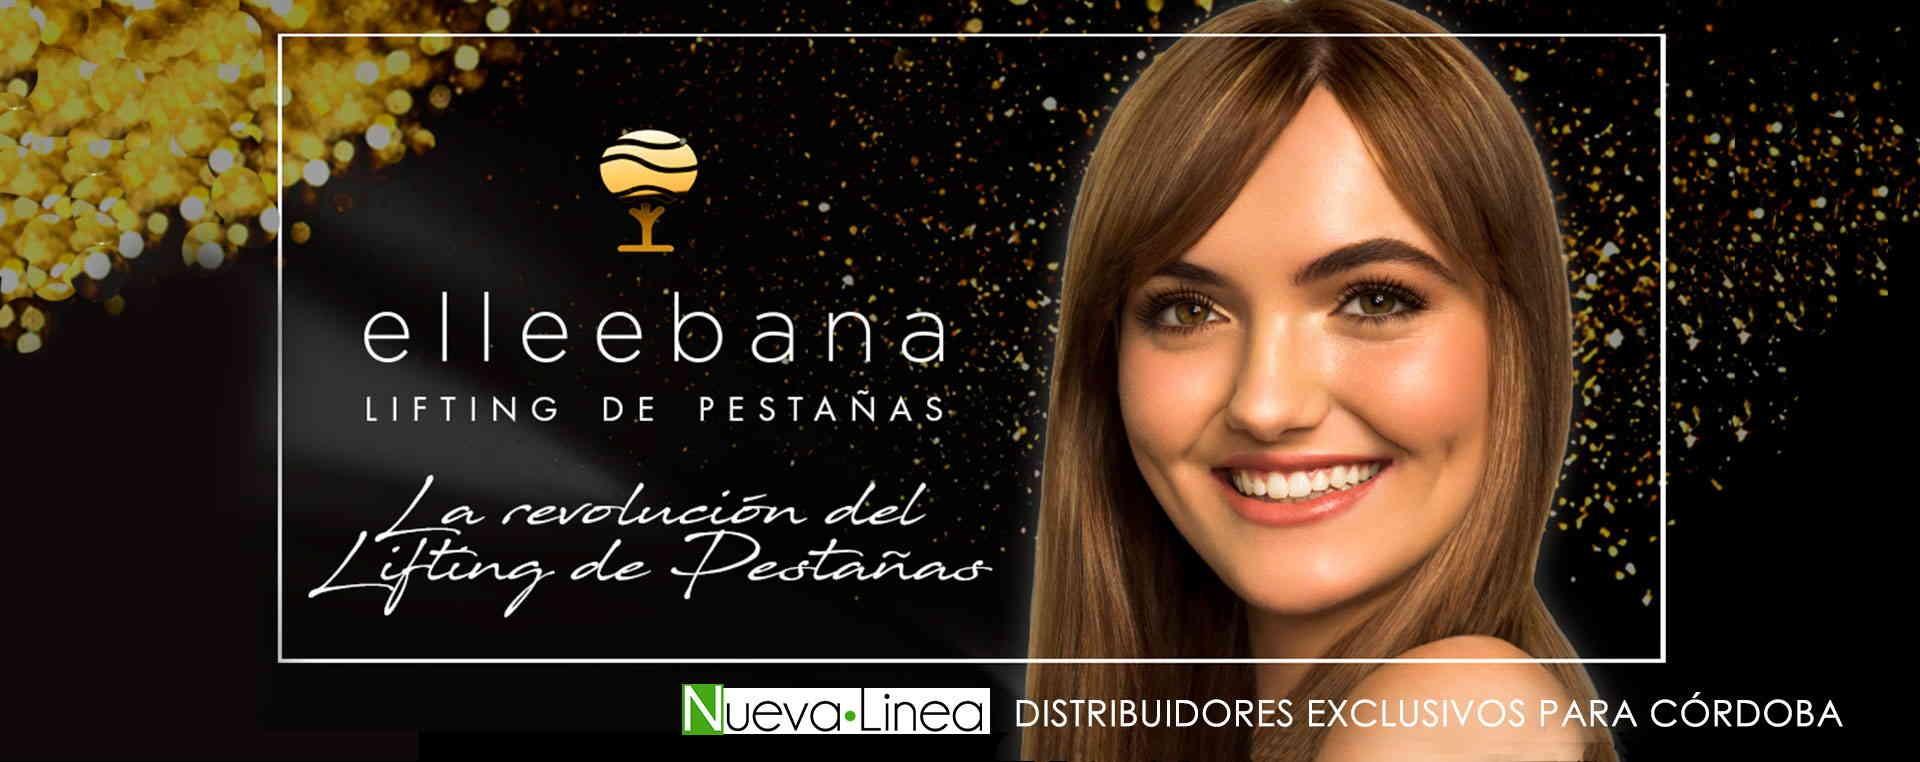 ELLEEBANA